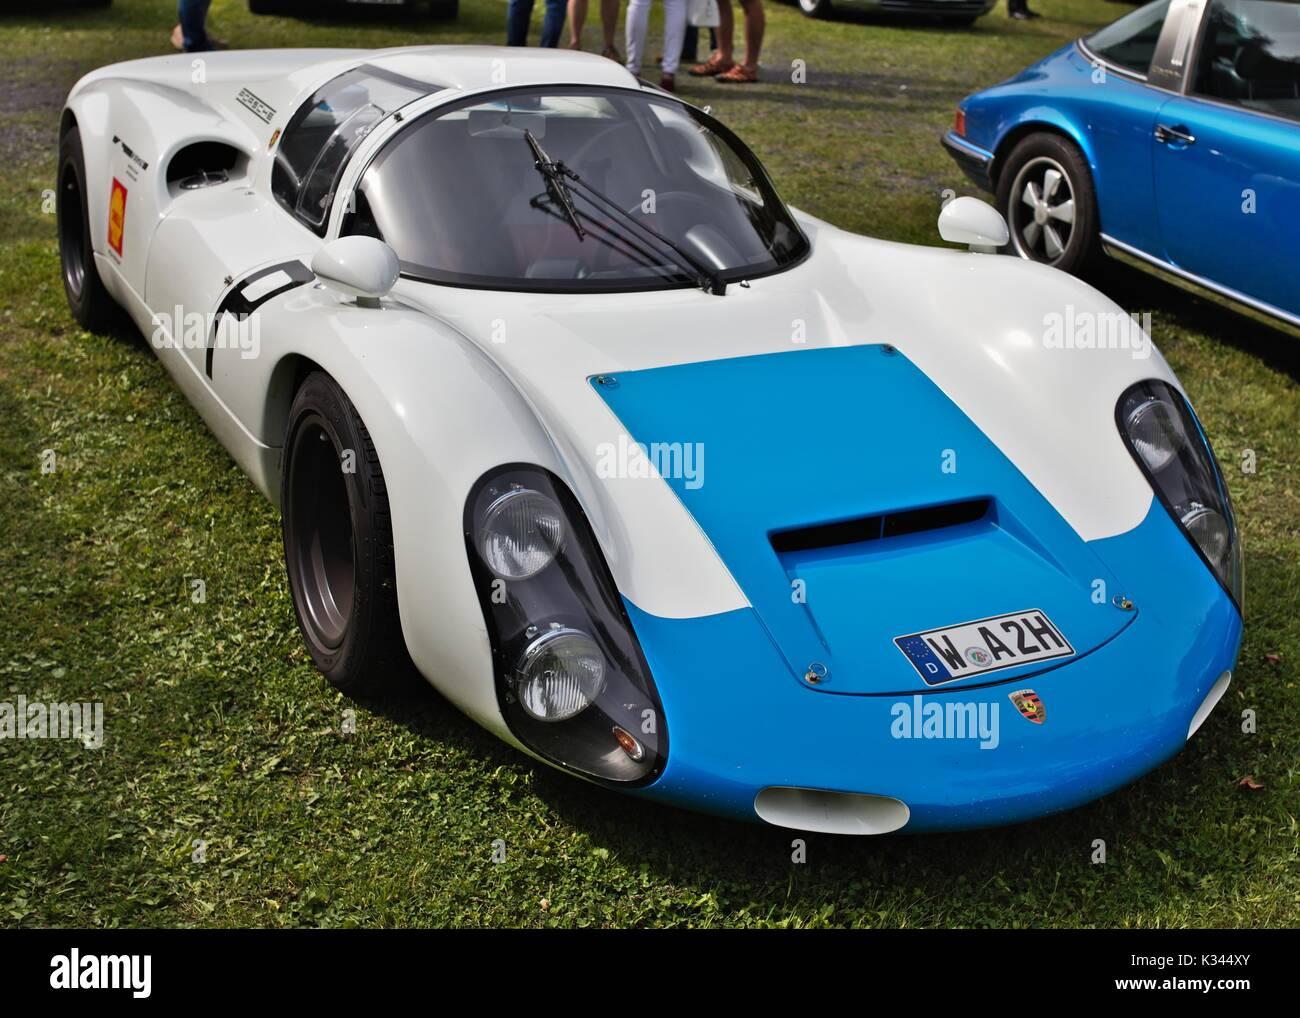 Porsche Coupe Blue Stock Photos Amp Porsche Coupe Blue Stock